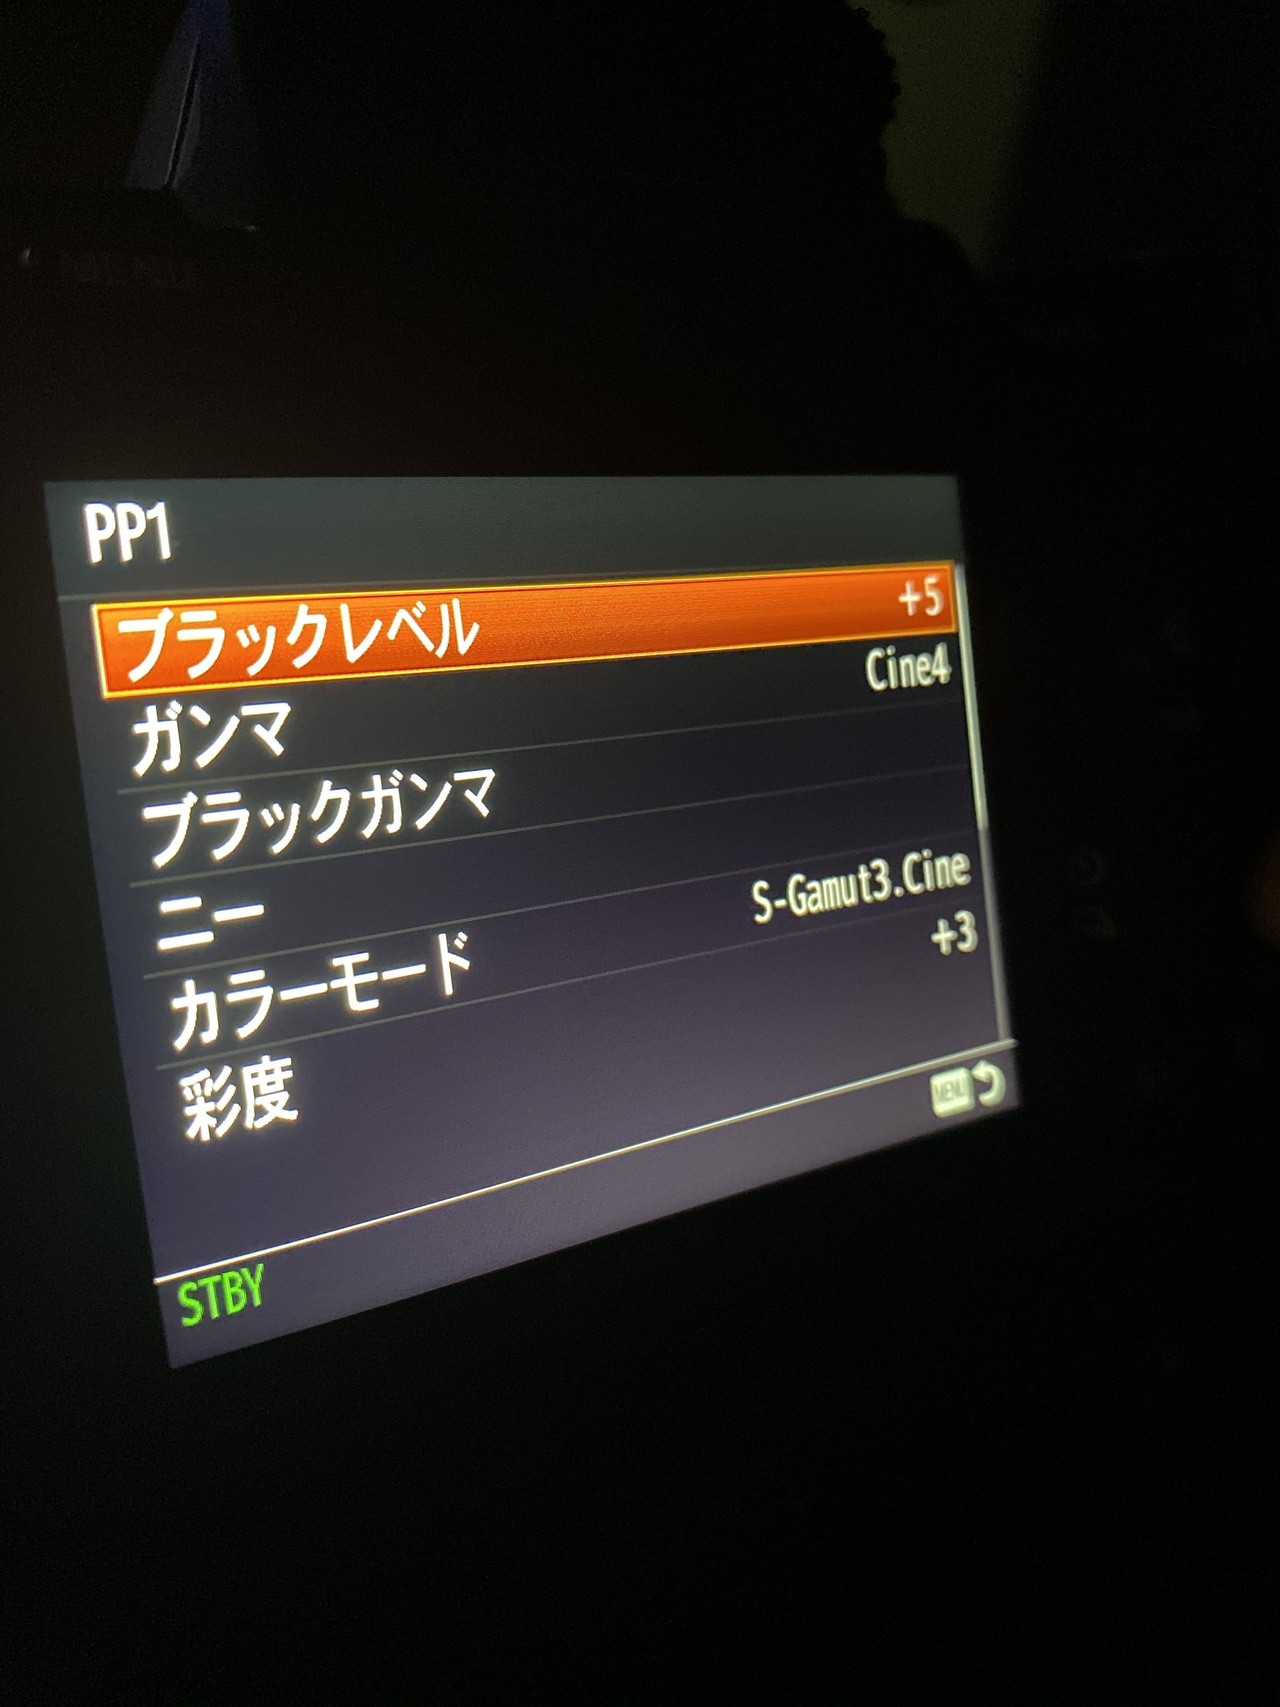 ピクチャー プロファイル